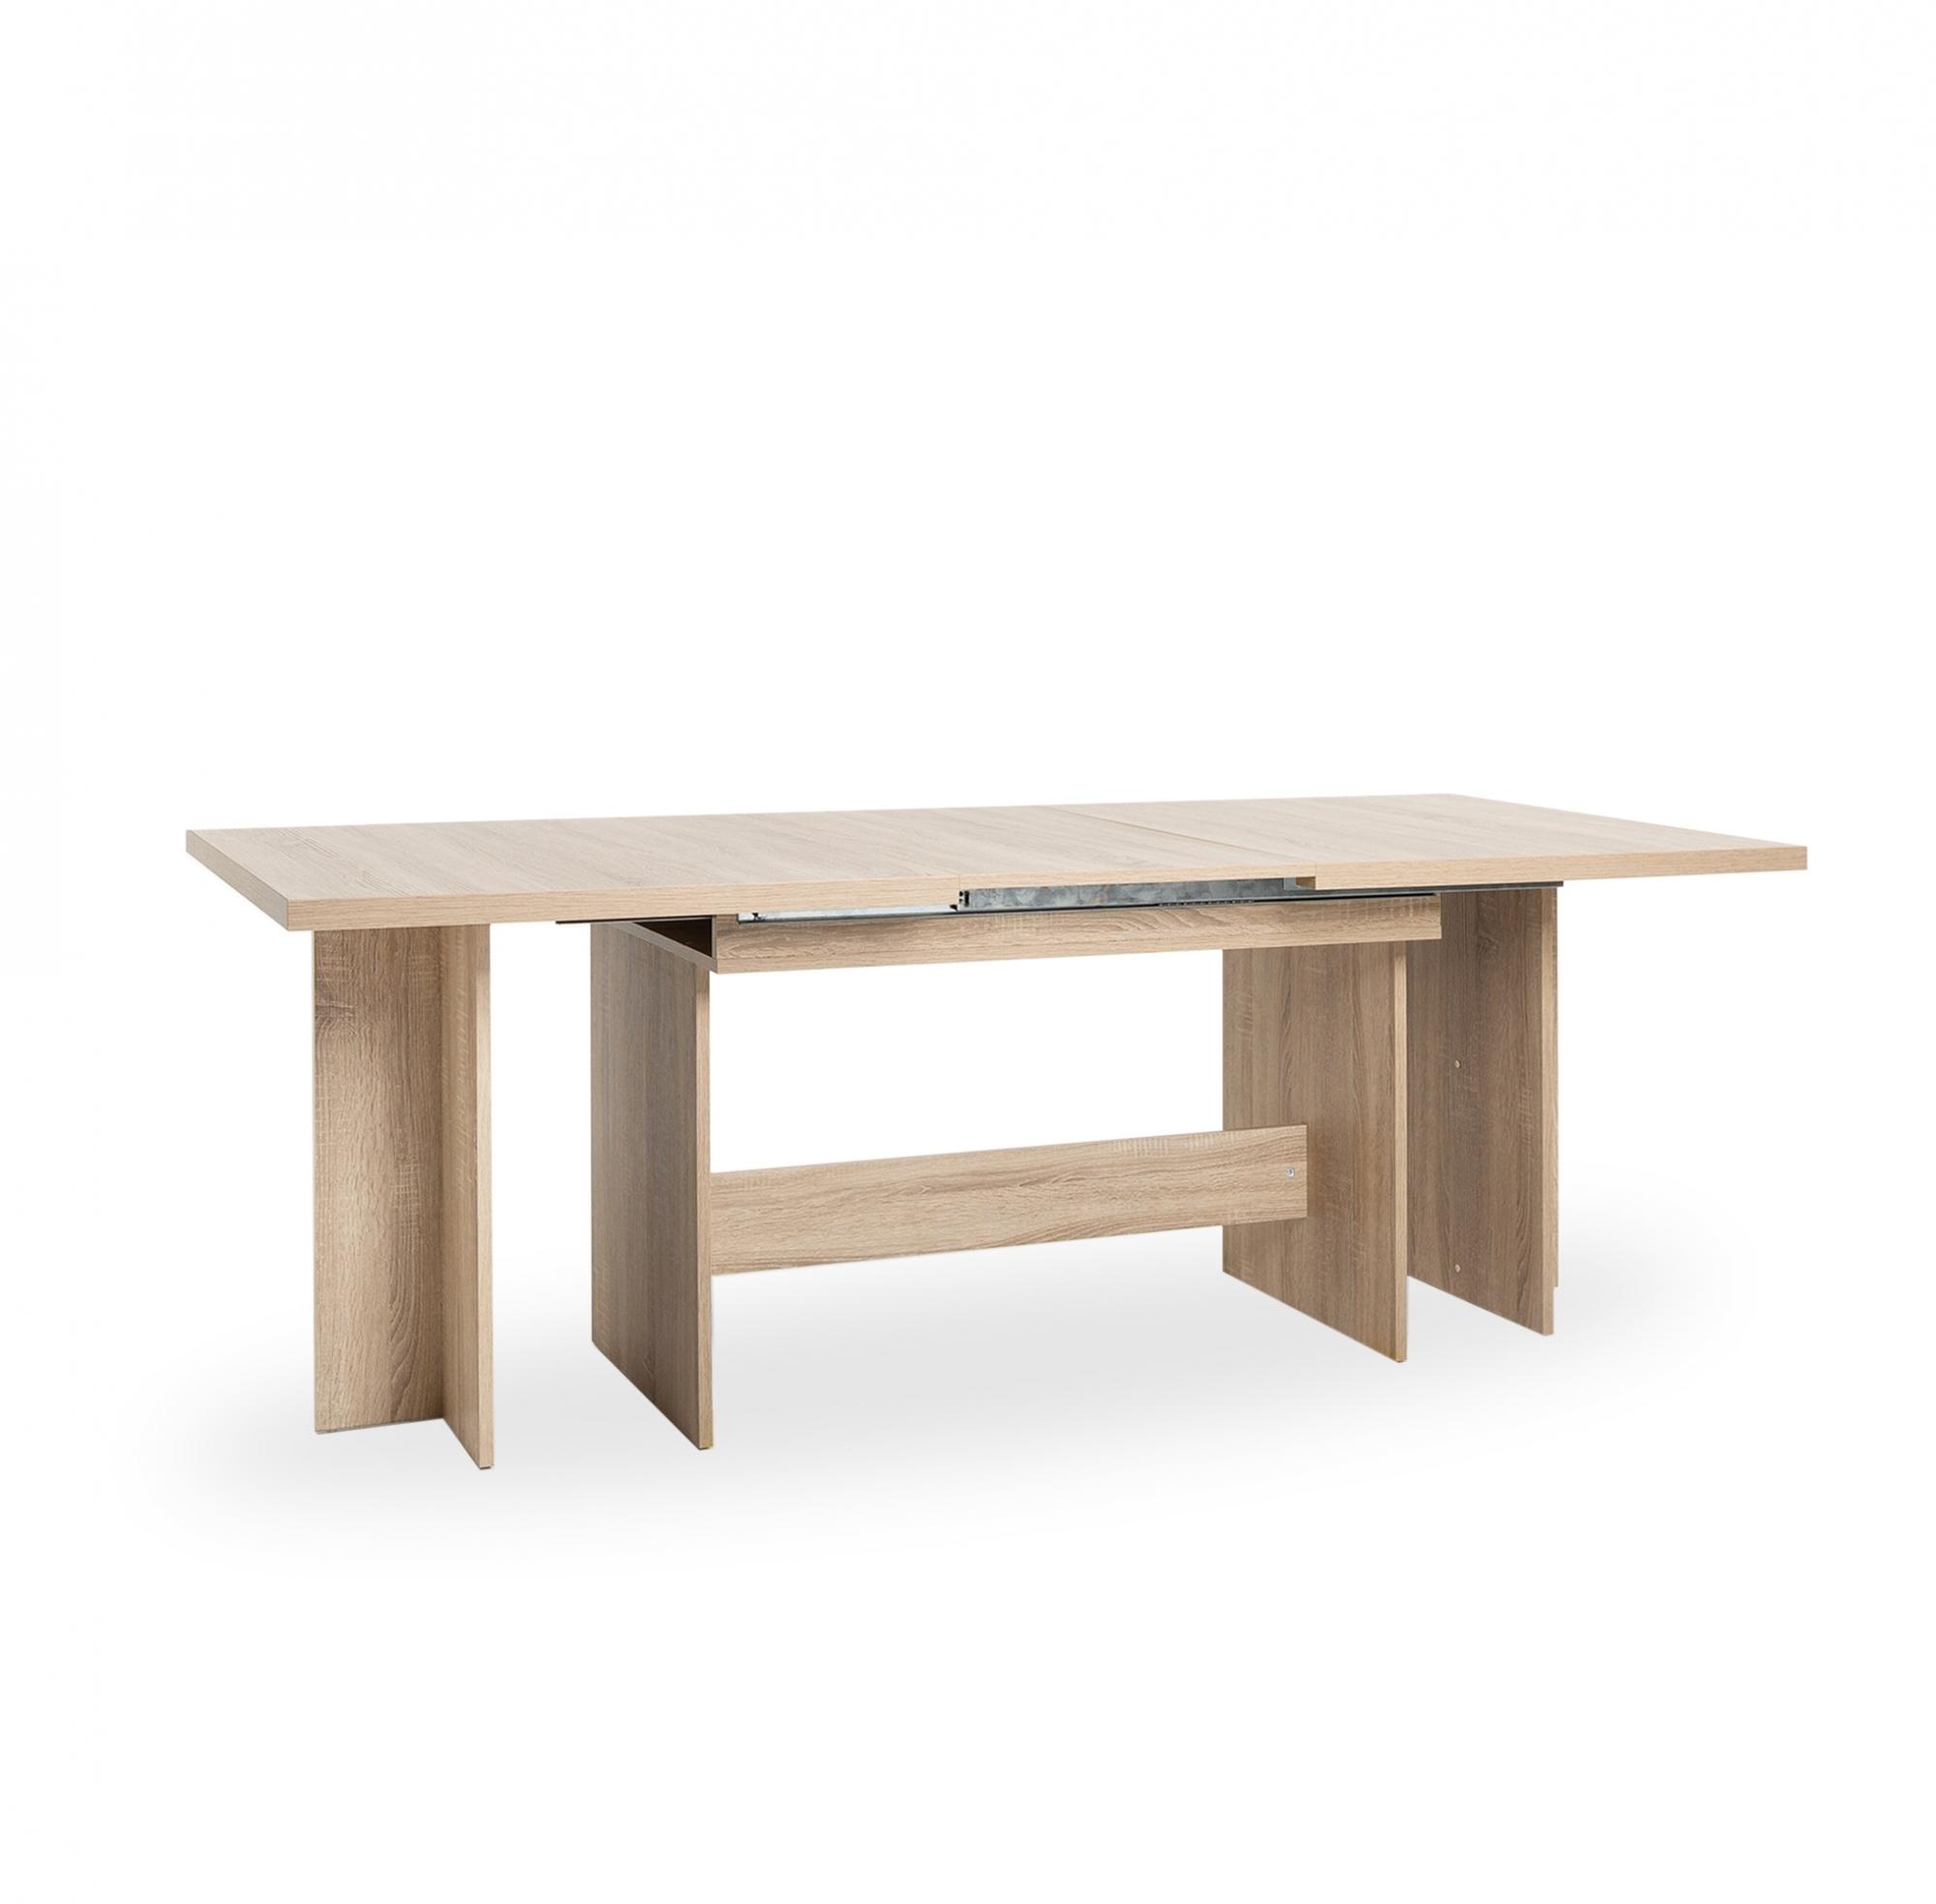 Jídelní stůl rozkládací Ancora, 310 cm, Sonoma dub